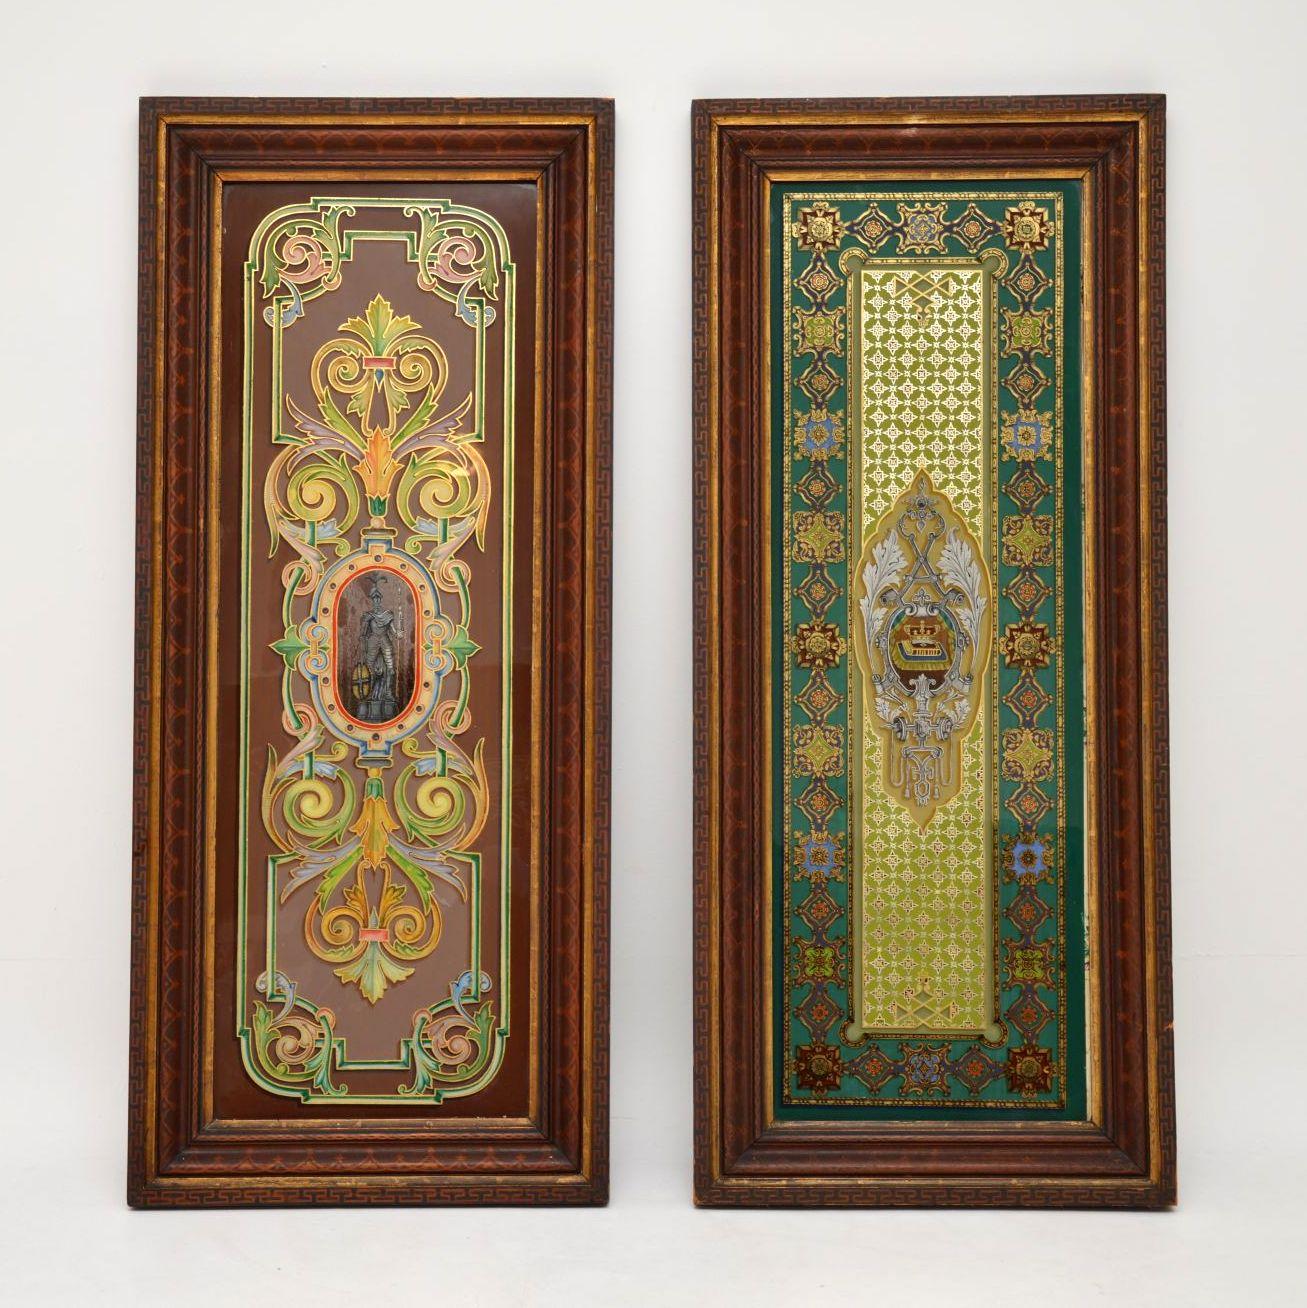 Pair of Antique Art Nouveau Decorative Mirrors or Glass Panels